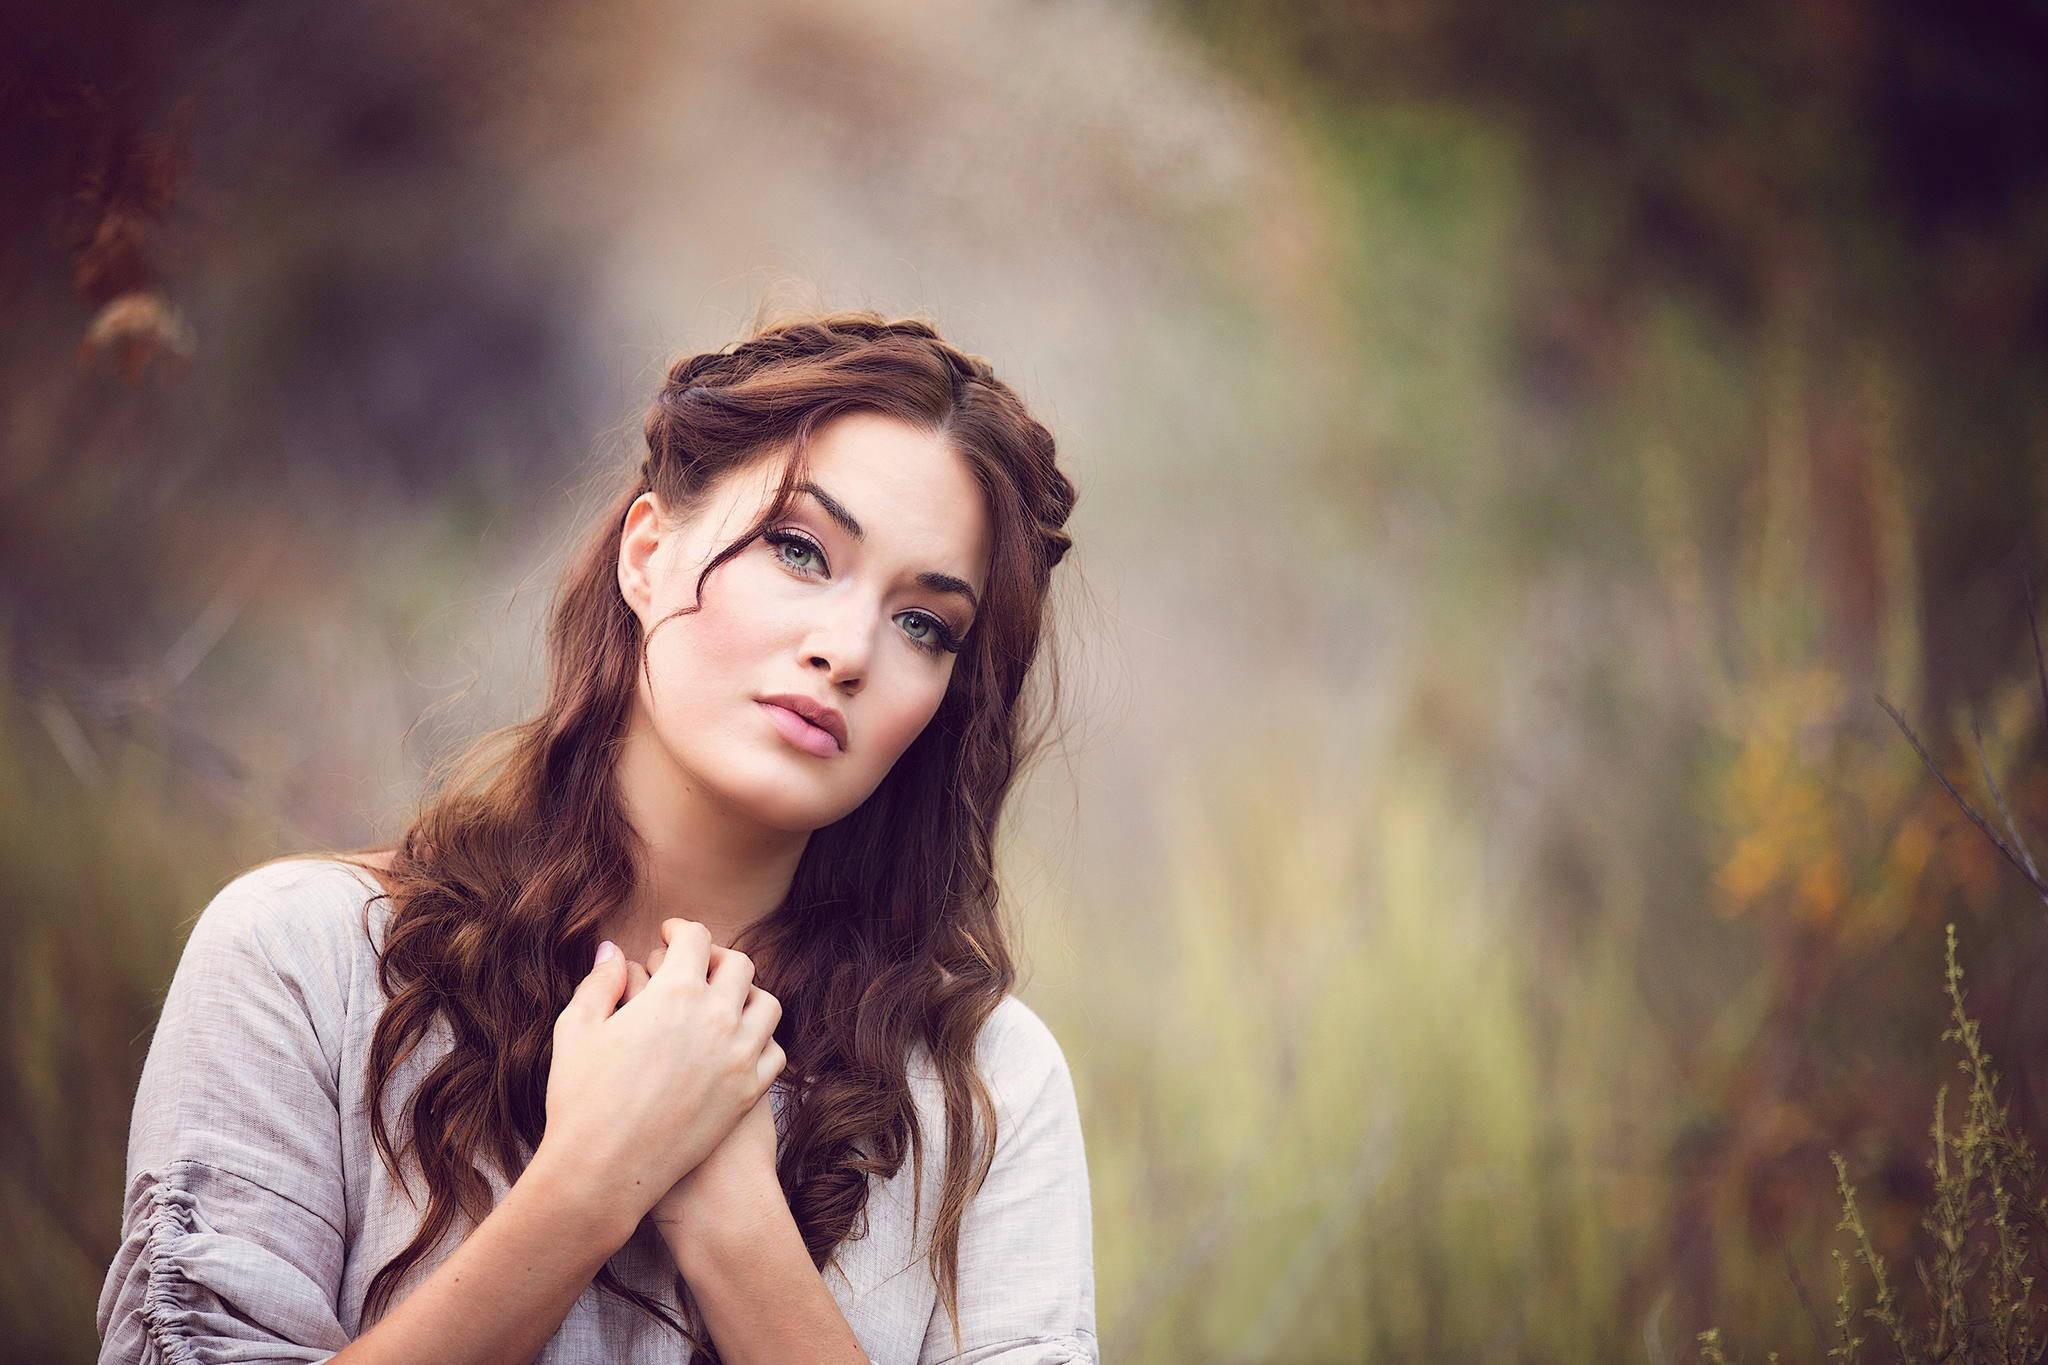 Картинки для фотосессии женские